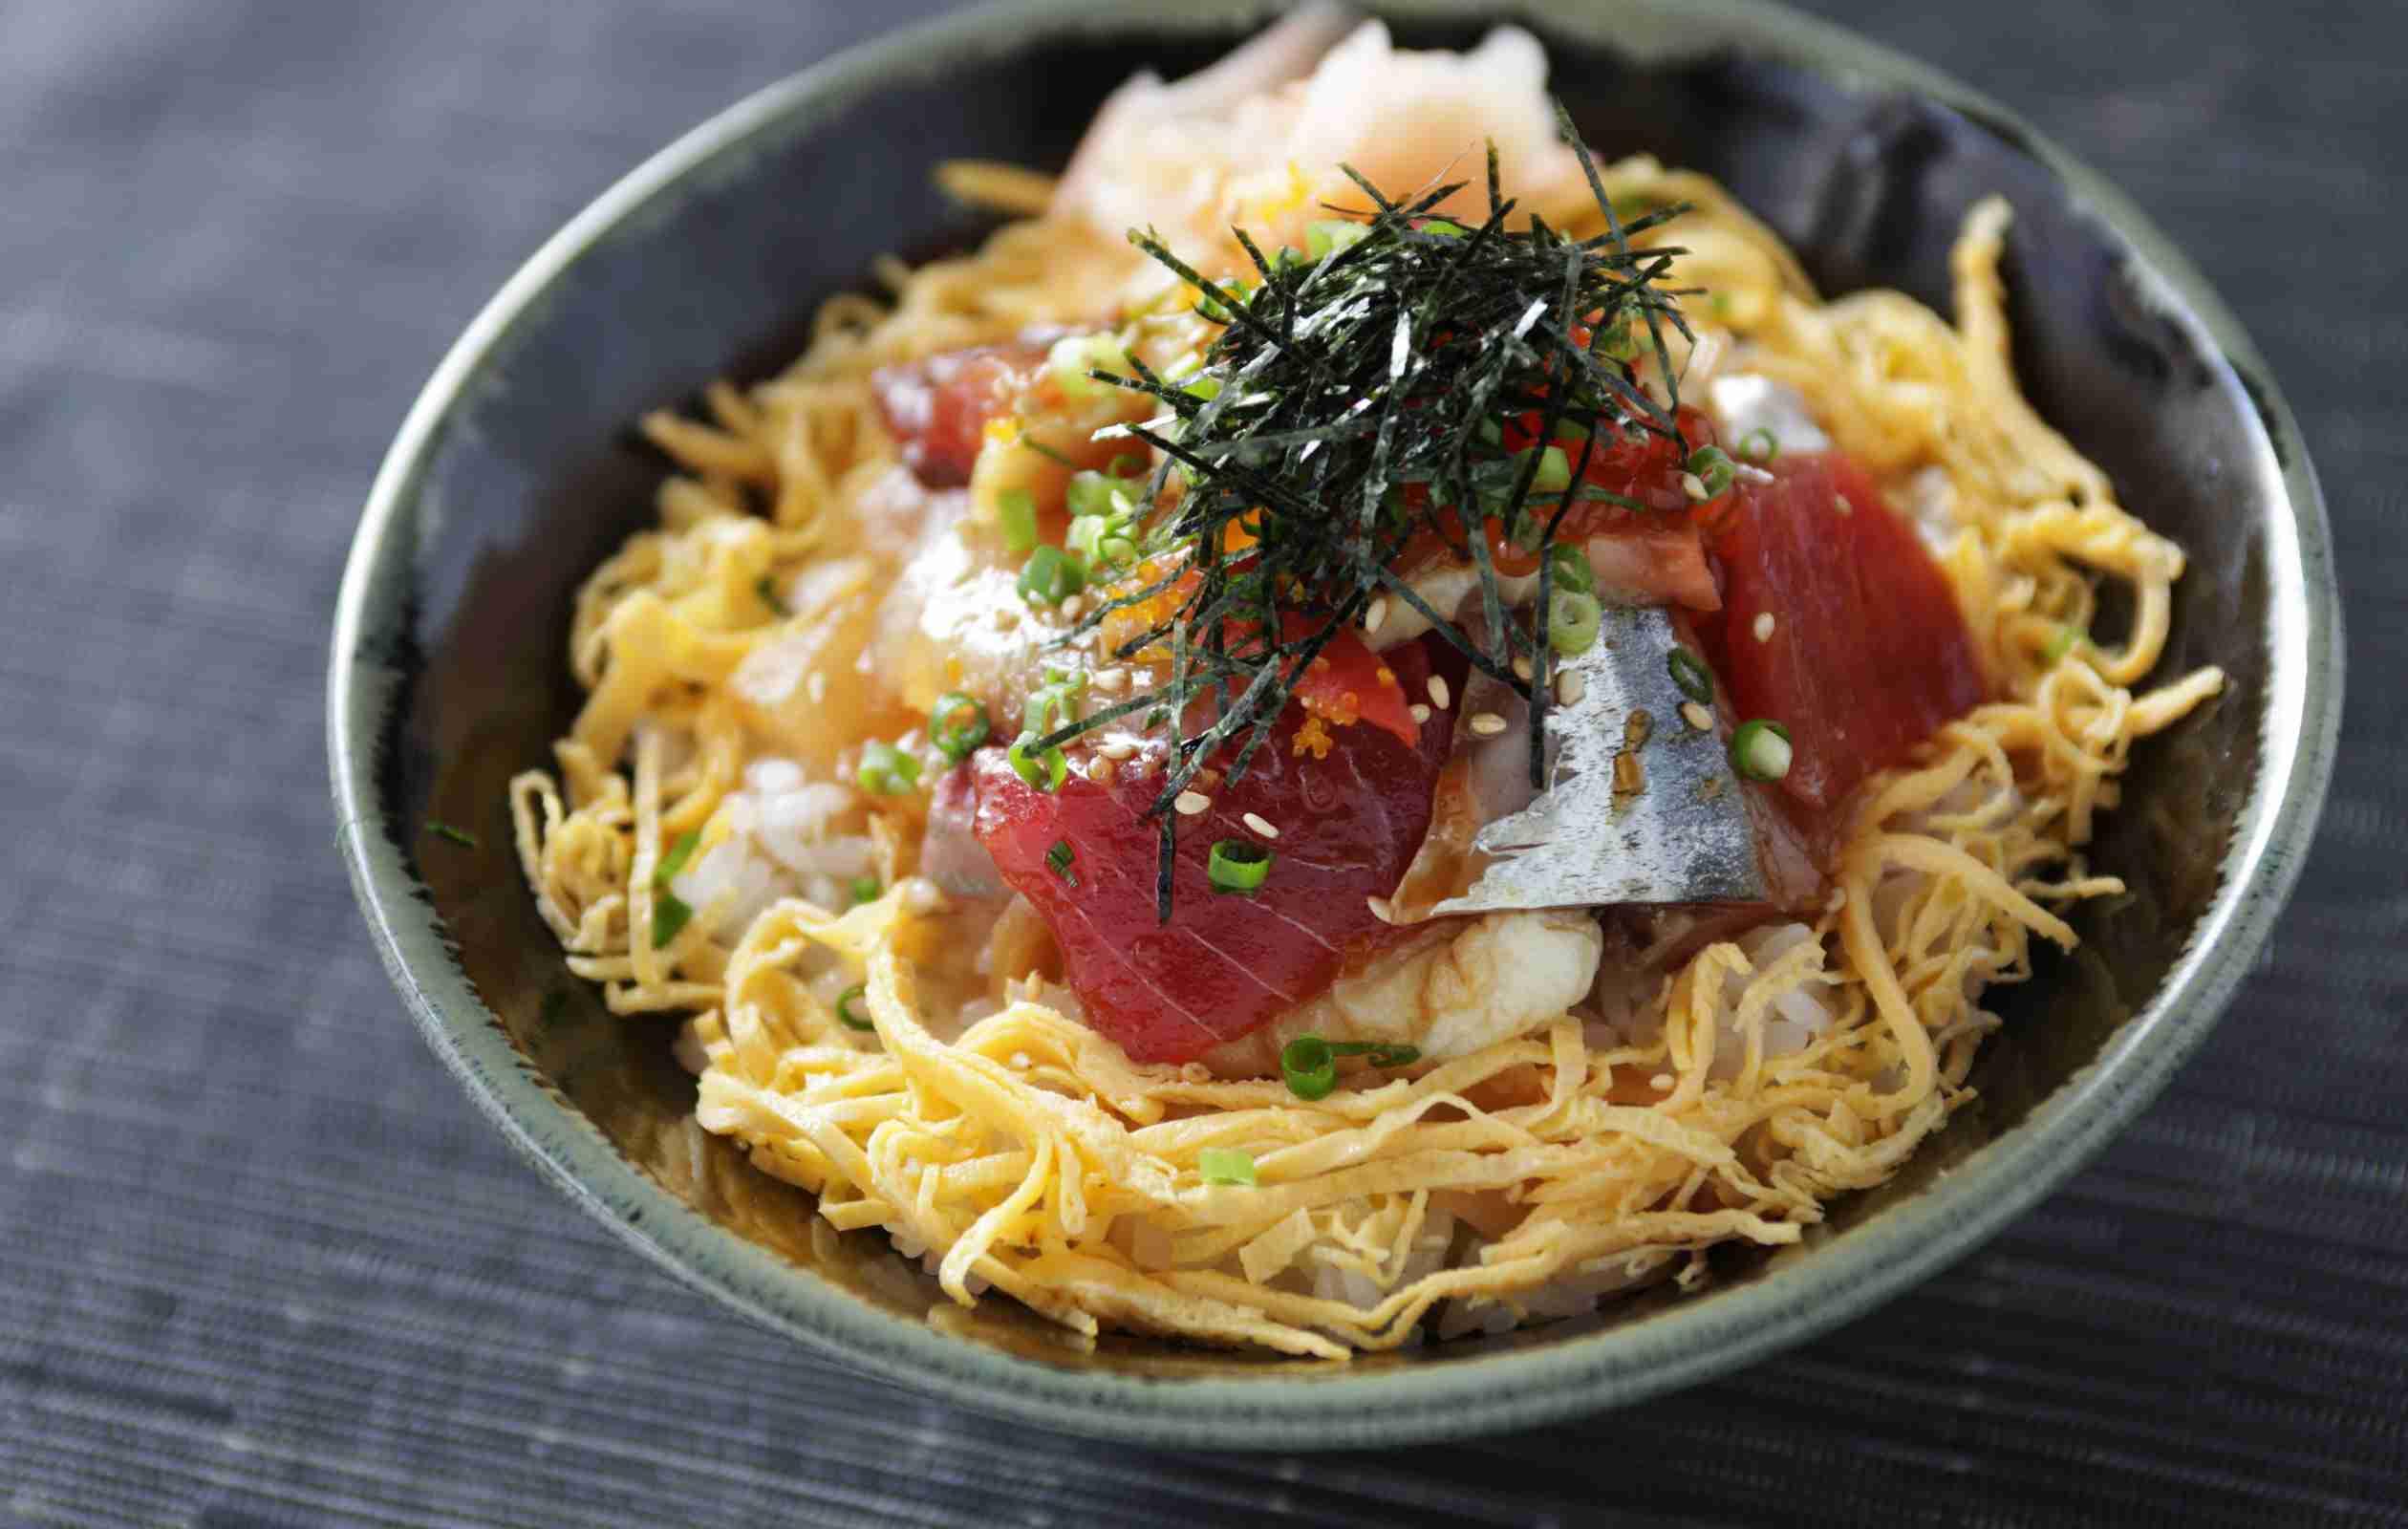 仙台づけ丼|伊達美味(だてうま)|仙台で味わえる、買える美味いもの